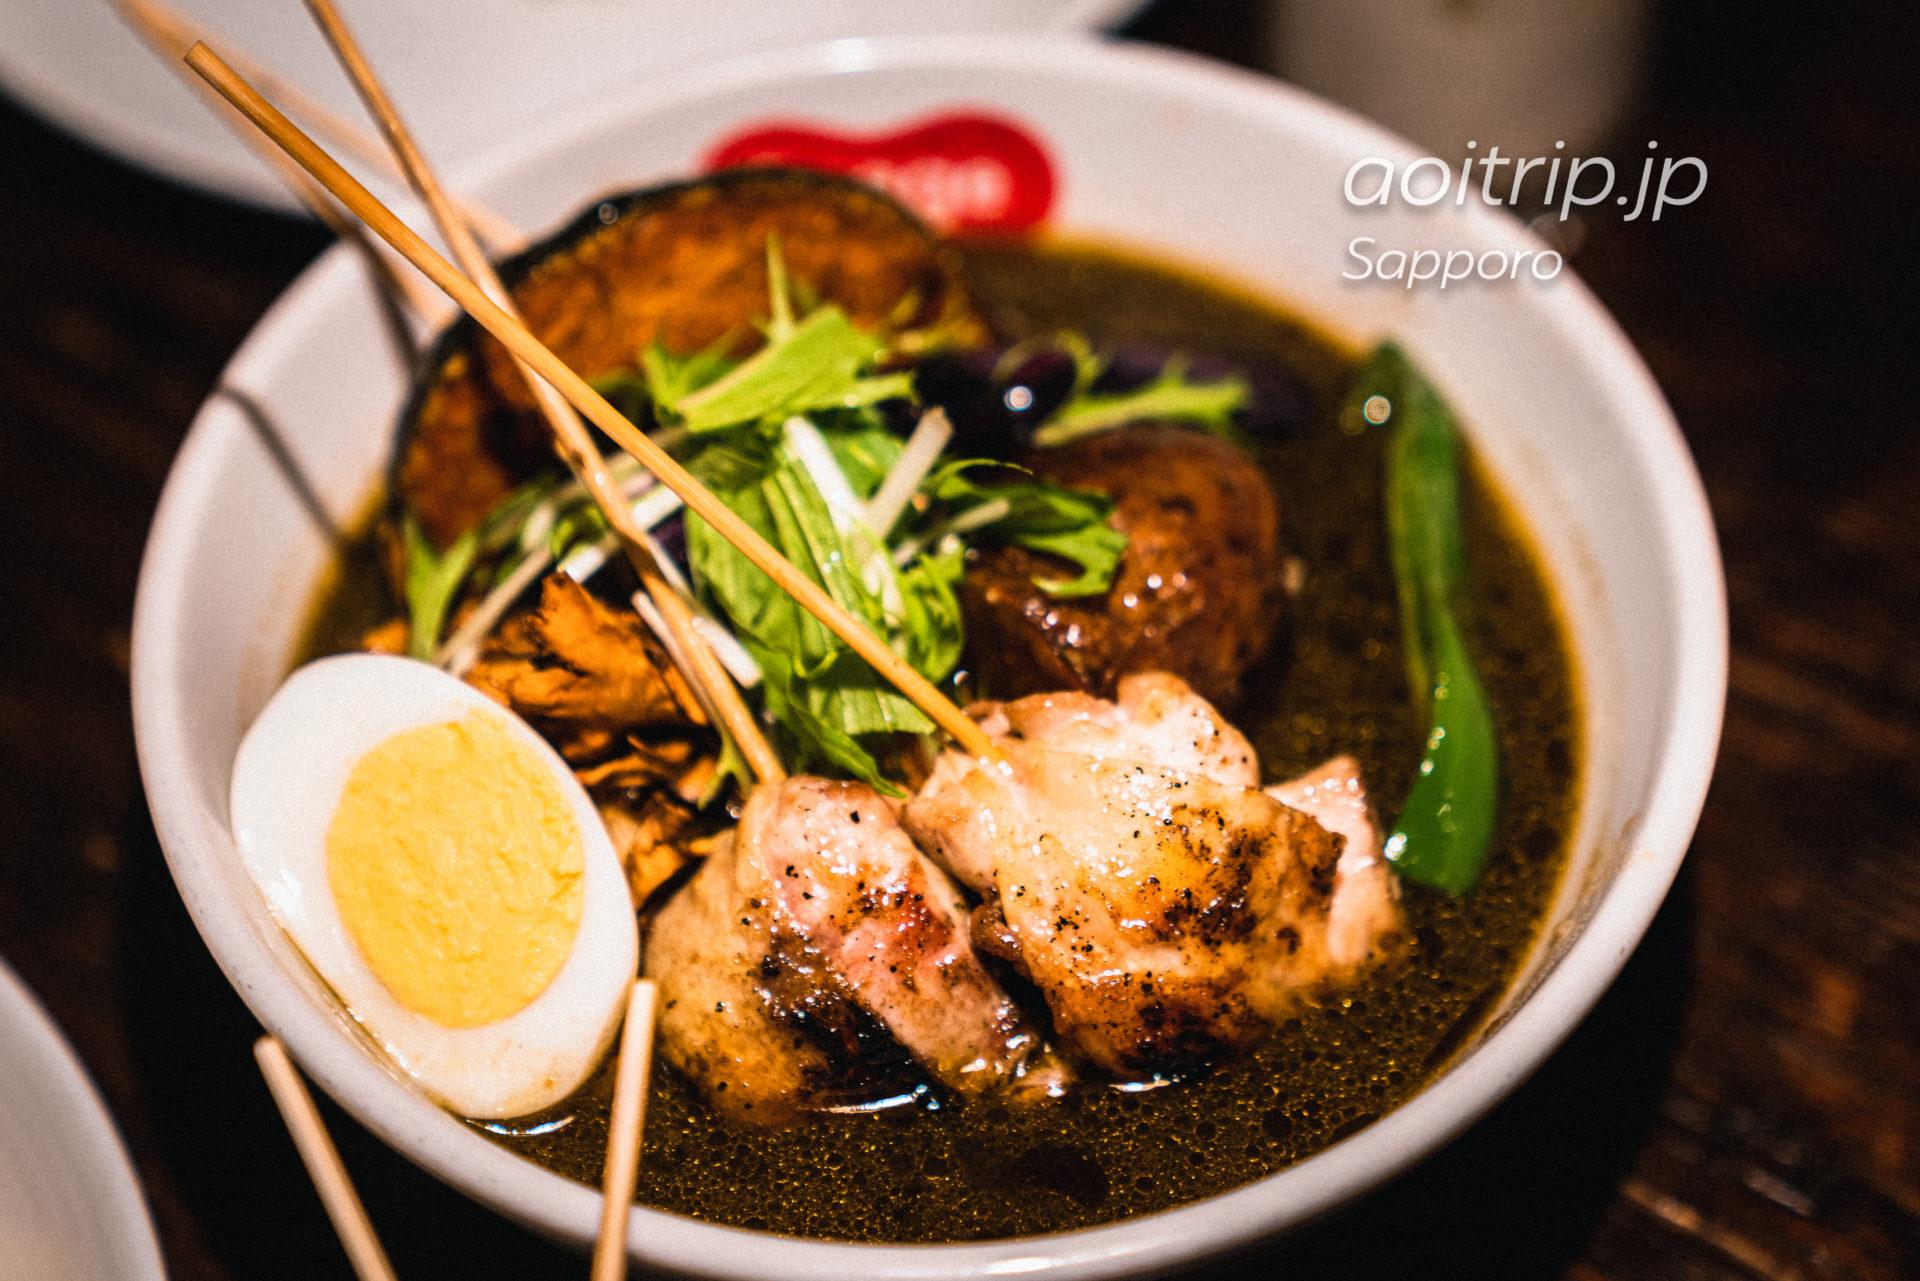 札幌のスープカレー専門店「Suage+(すあげプラス) パリパリ知床鶏と野菜カレー